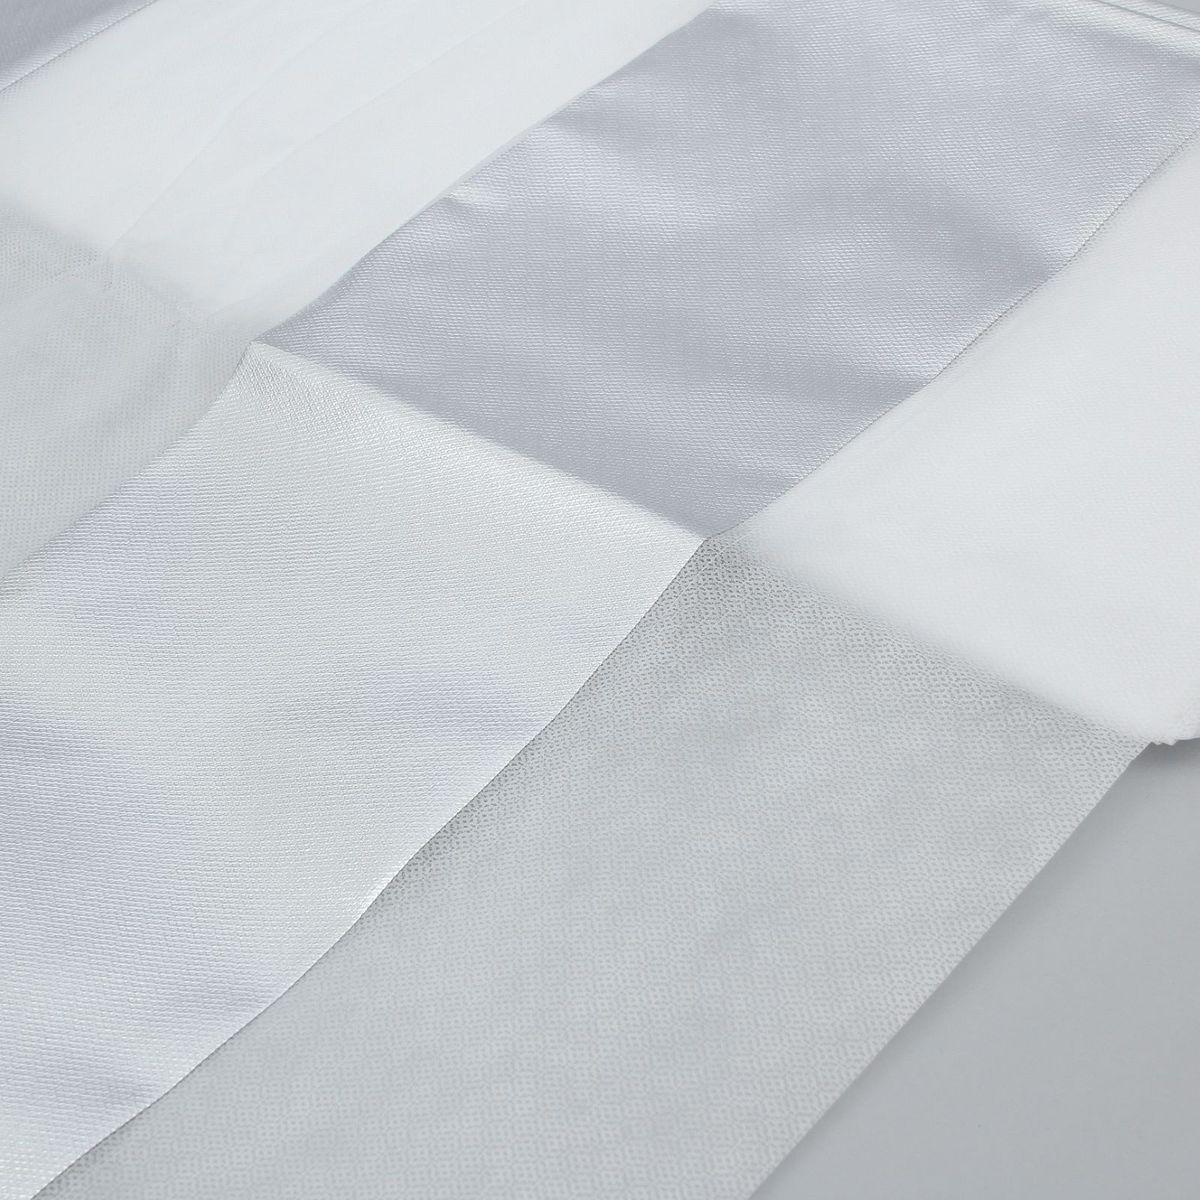 Материал укрывной Агротекс Двойное тепло, фольгированный, цвет: серебристый, белый, 5 х 1,6 м1309247Укрывной материал Двойное тепло лучший выбор для выращивания рассады. Преимущества материала:-гарантия ранней и крепкой рассады;-экономия средств на поливе, дополнительном освещении, гербицидах;-защита посадок от заморозков;-дополнительный свет для растений;-отсутствие необходимости прополки. Благодаря использованию укрывного материала, растение получает максимум света, так необходимого для дальнейшего развития. Укрывной материал Двойное тепло идеален для рассады огурцов, томатов, перцев, баклажанов и зелени.